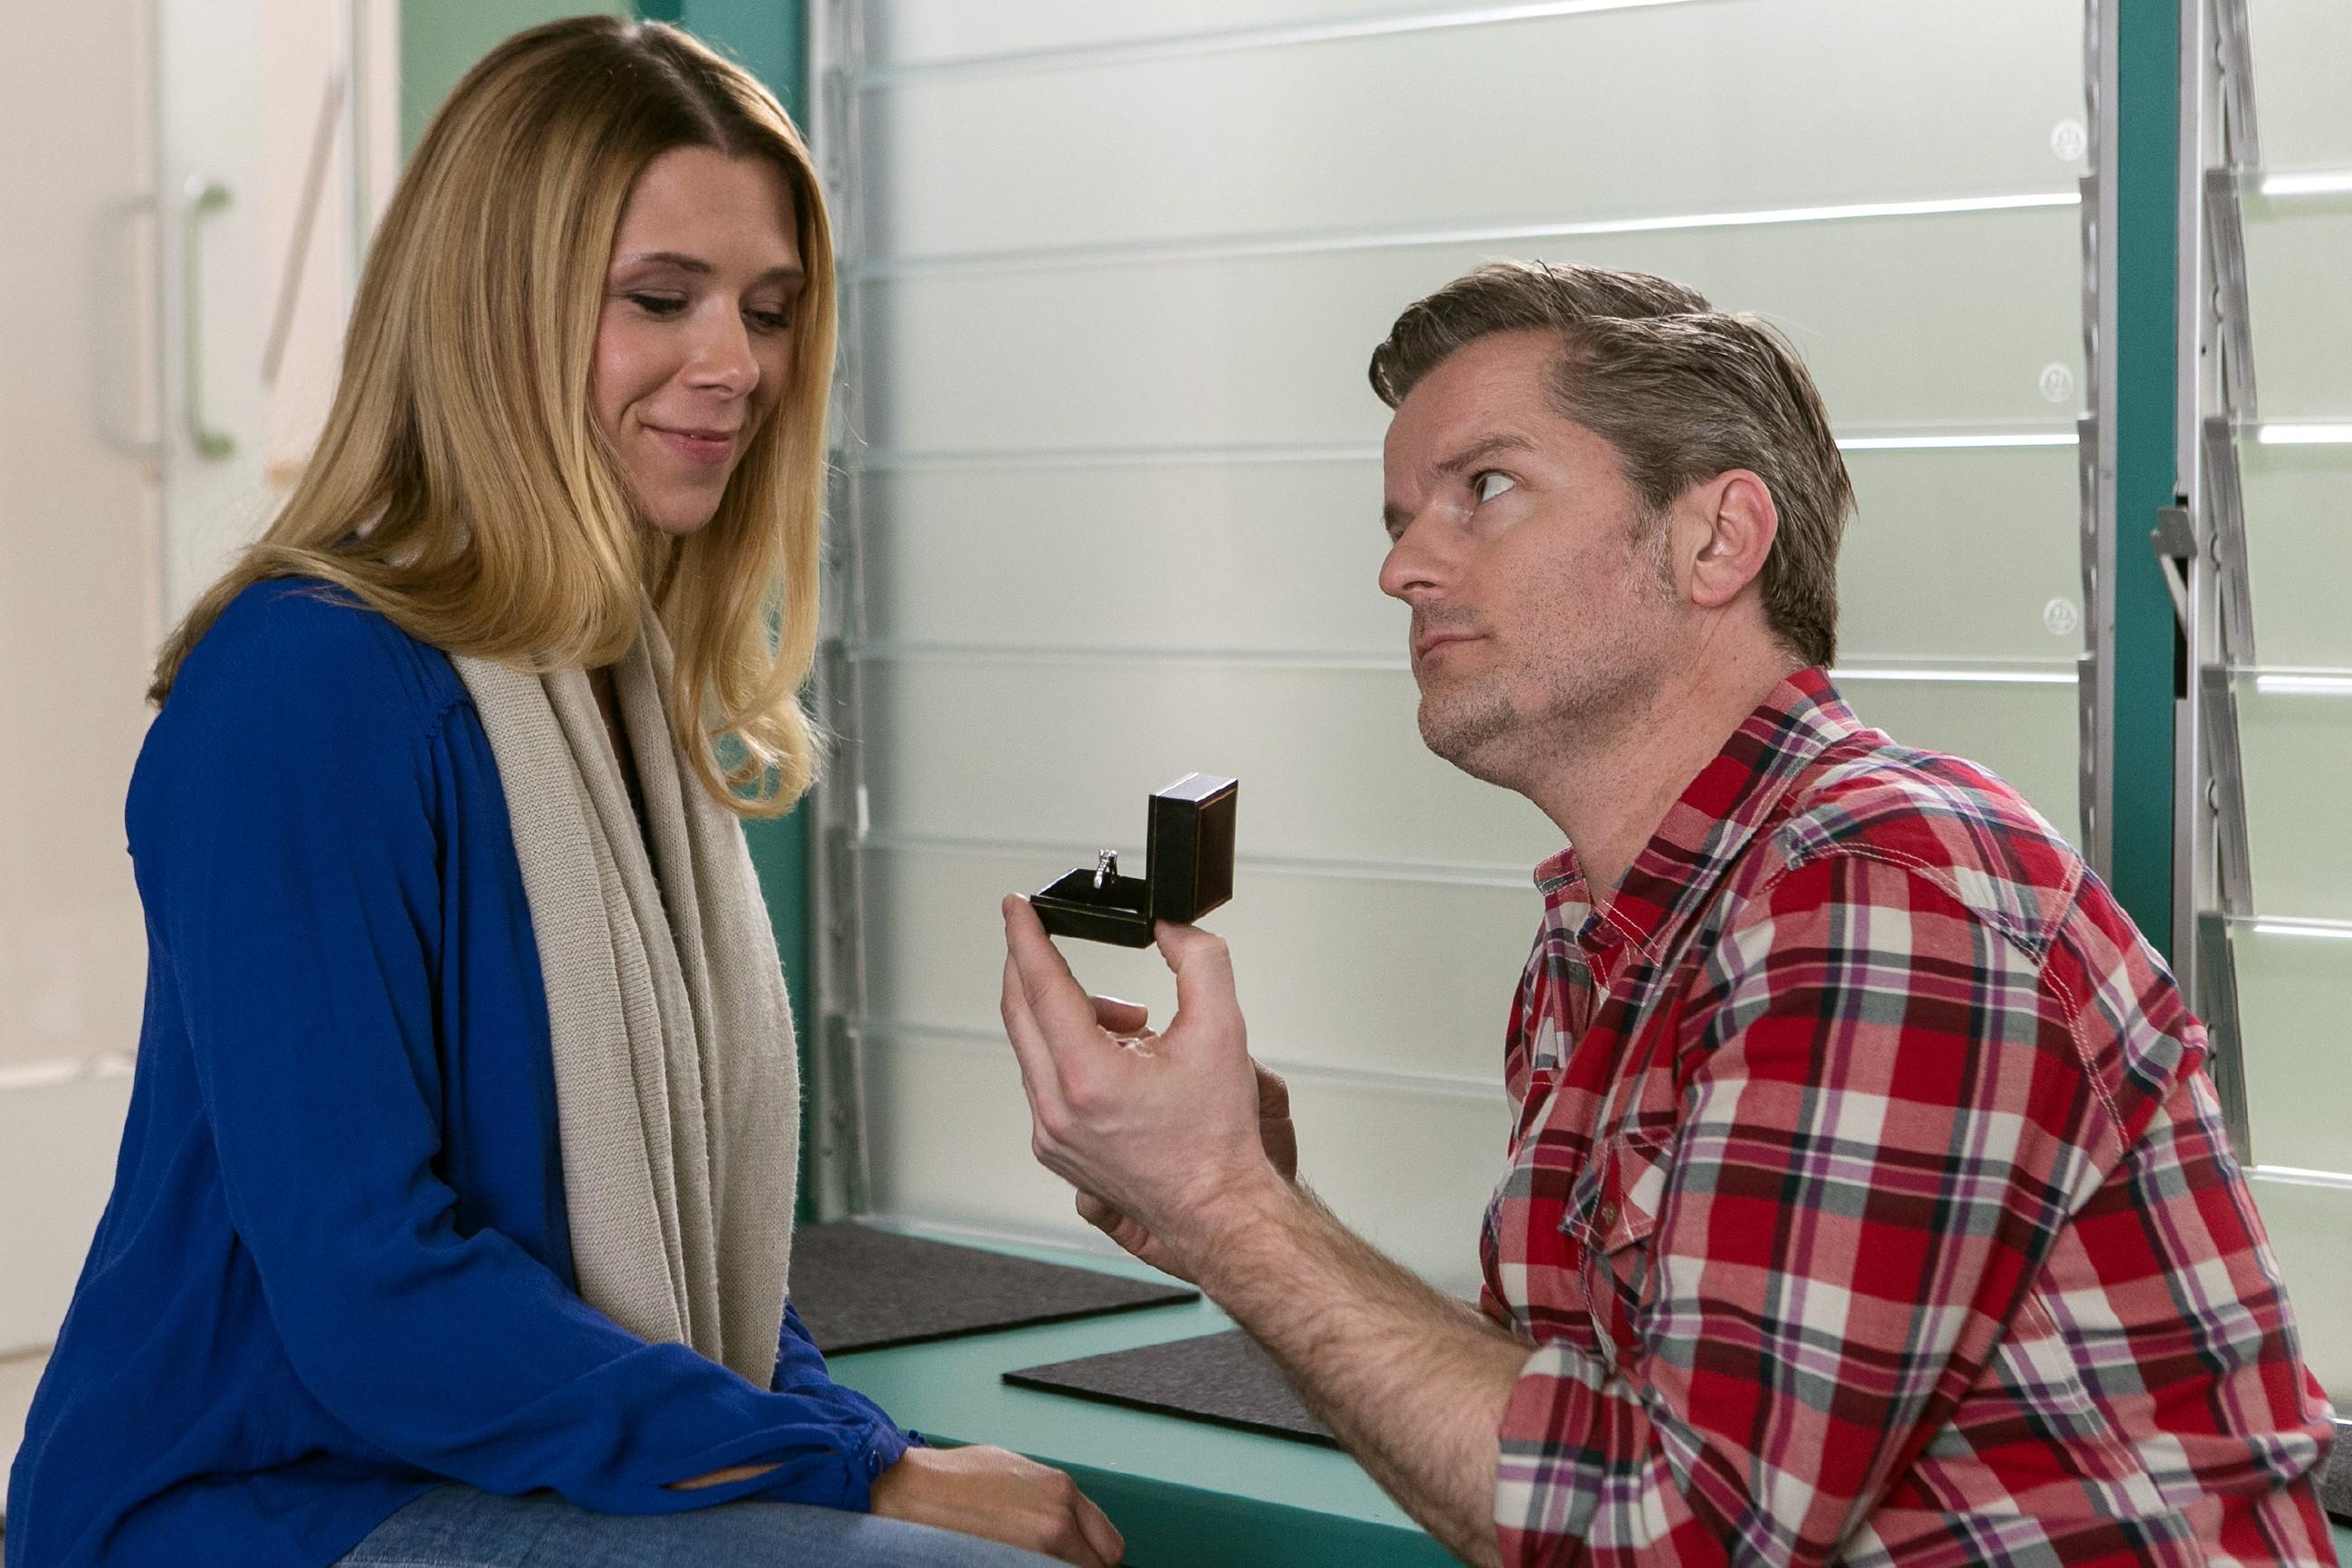 Nachdem Diana (Tanja Szewczenko) Ingo (André Dietz) bewiesen hat, dass sie auch in harten Zeiten zu ihm stehen wird, überrascht er sie mit einem Verlobungsring.